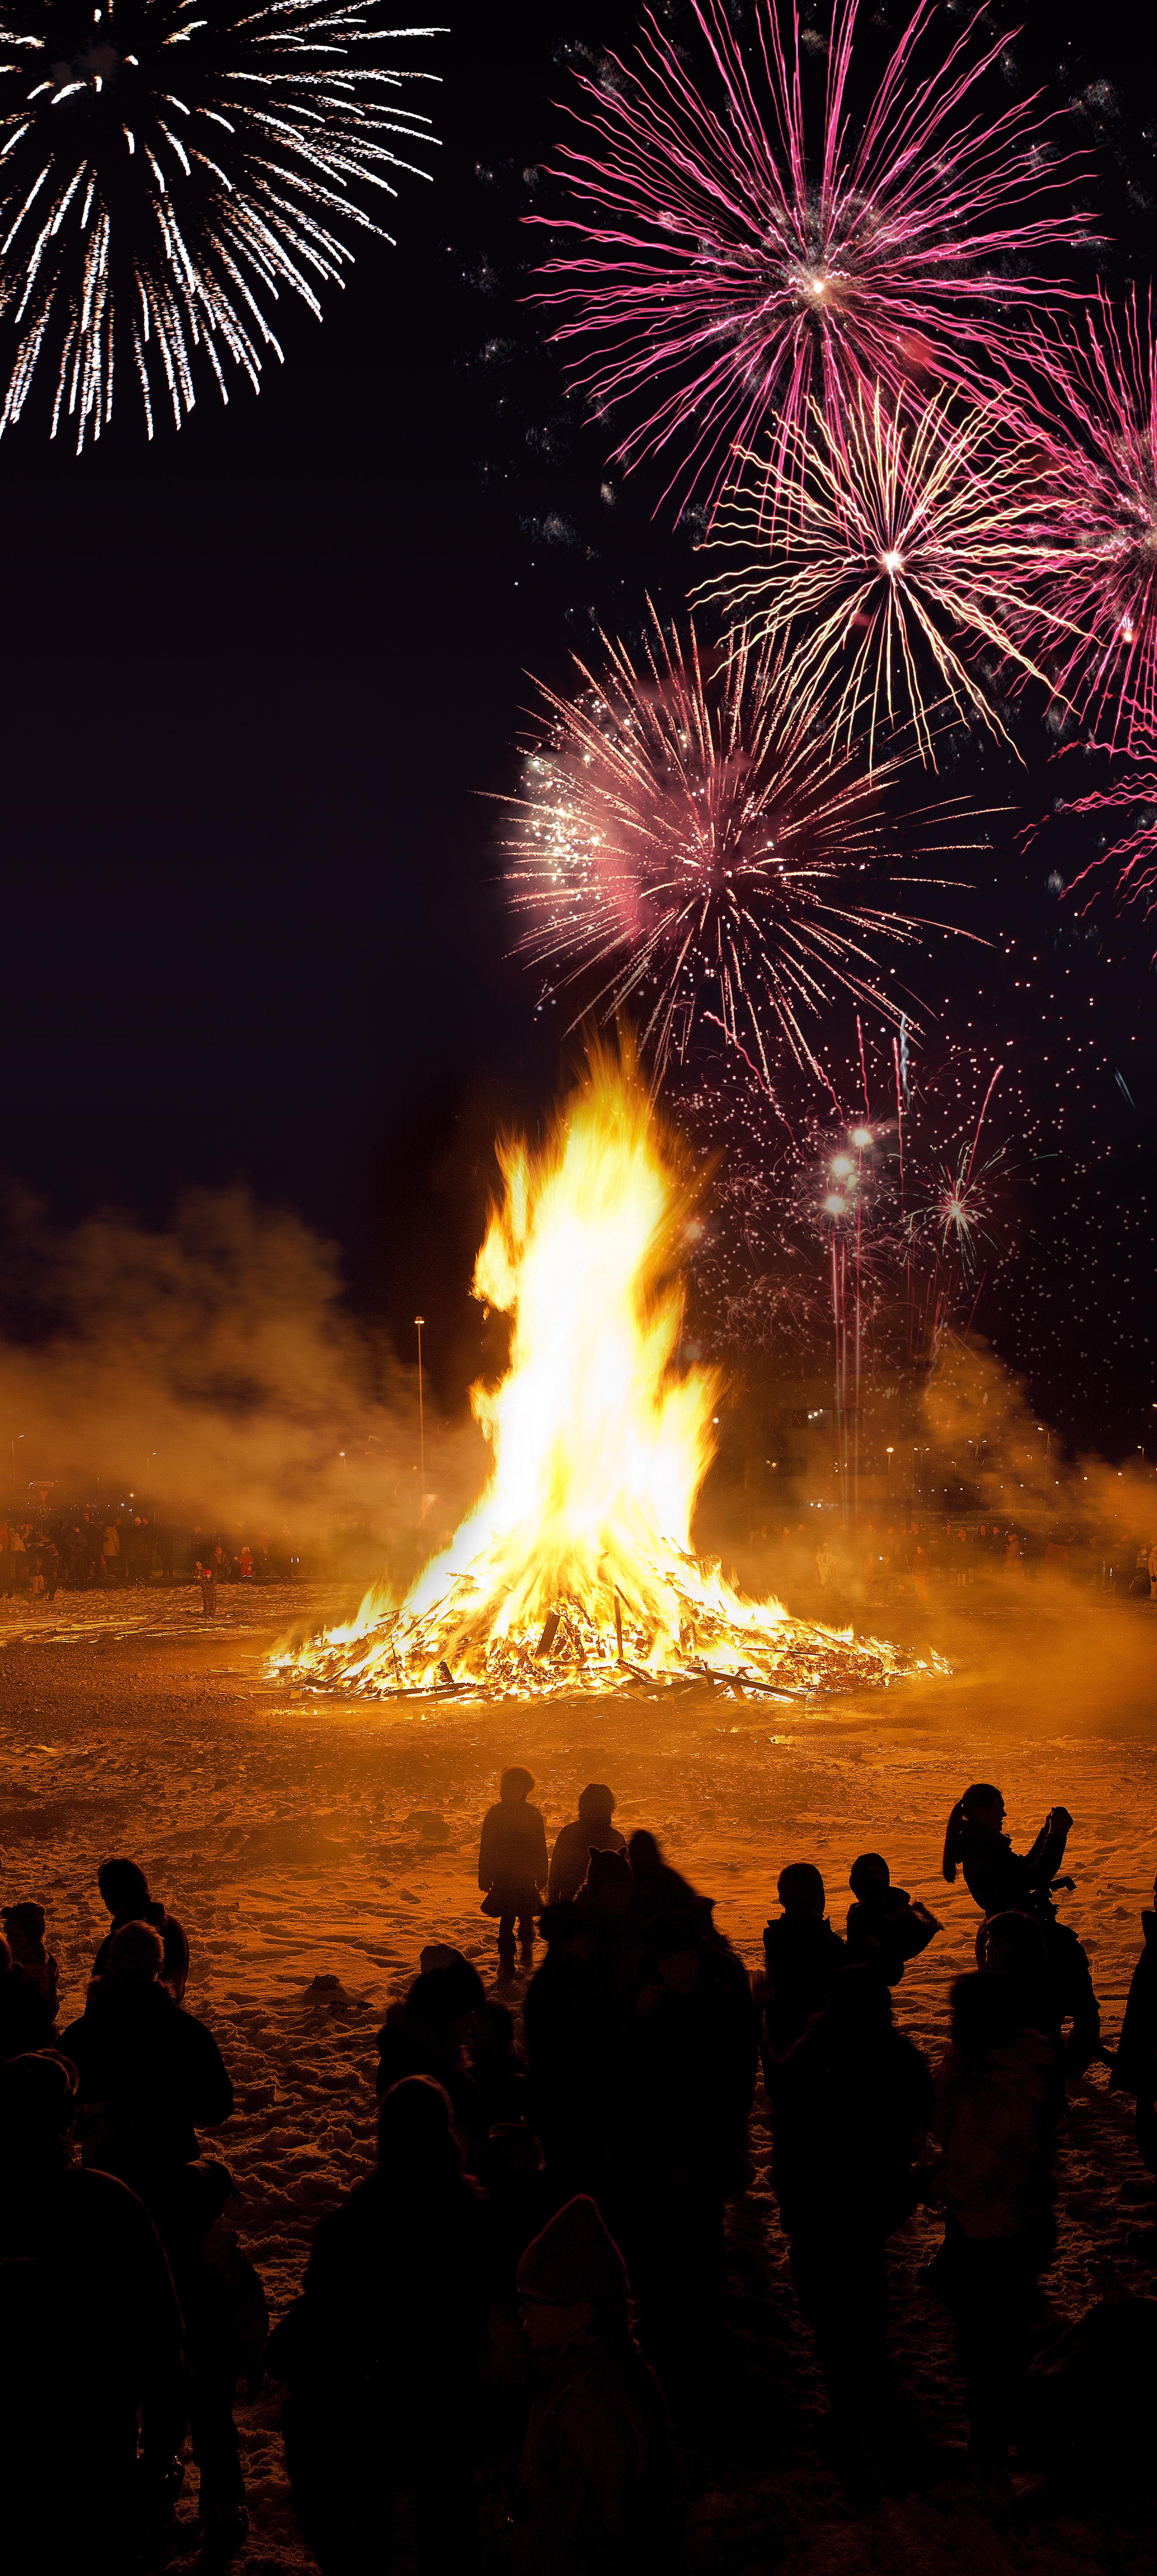 Lagerfeuer sind eine beliebte Möglichkeit für Einheimische, sich auf die Neujahrsfeierlichkeiten in Reykjavík vorzubereiten